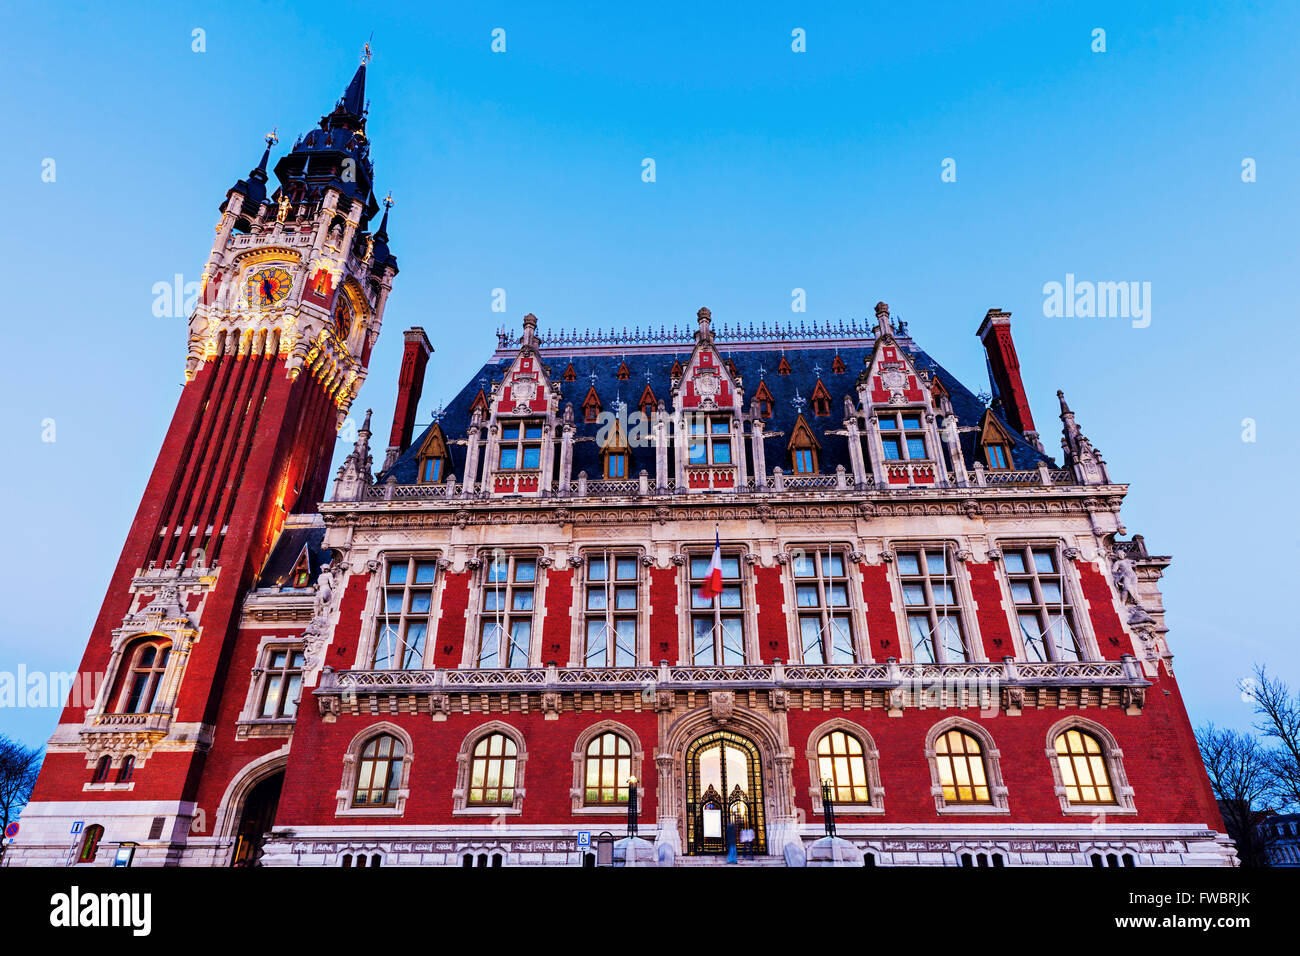 Calais city hall. Calais, Nord-Pas-de-Calais-Picardy, France. - Stock Image